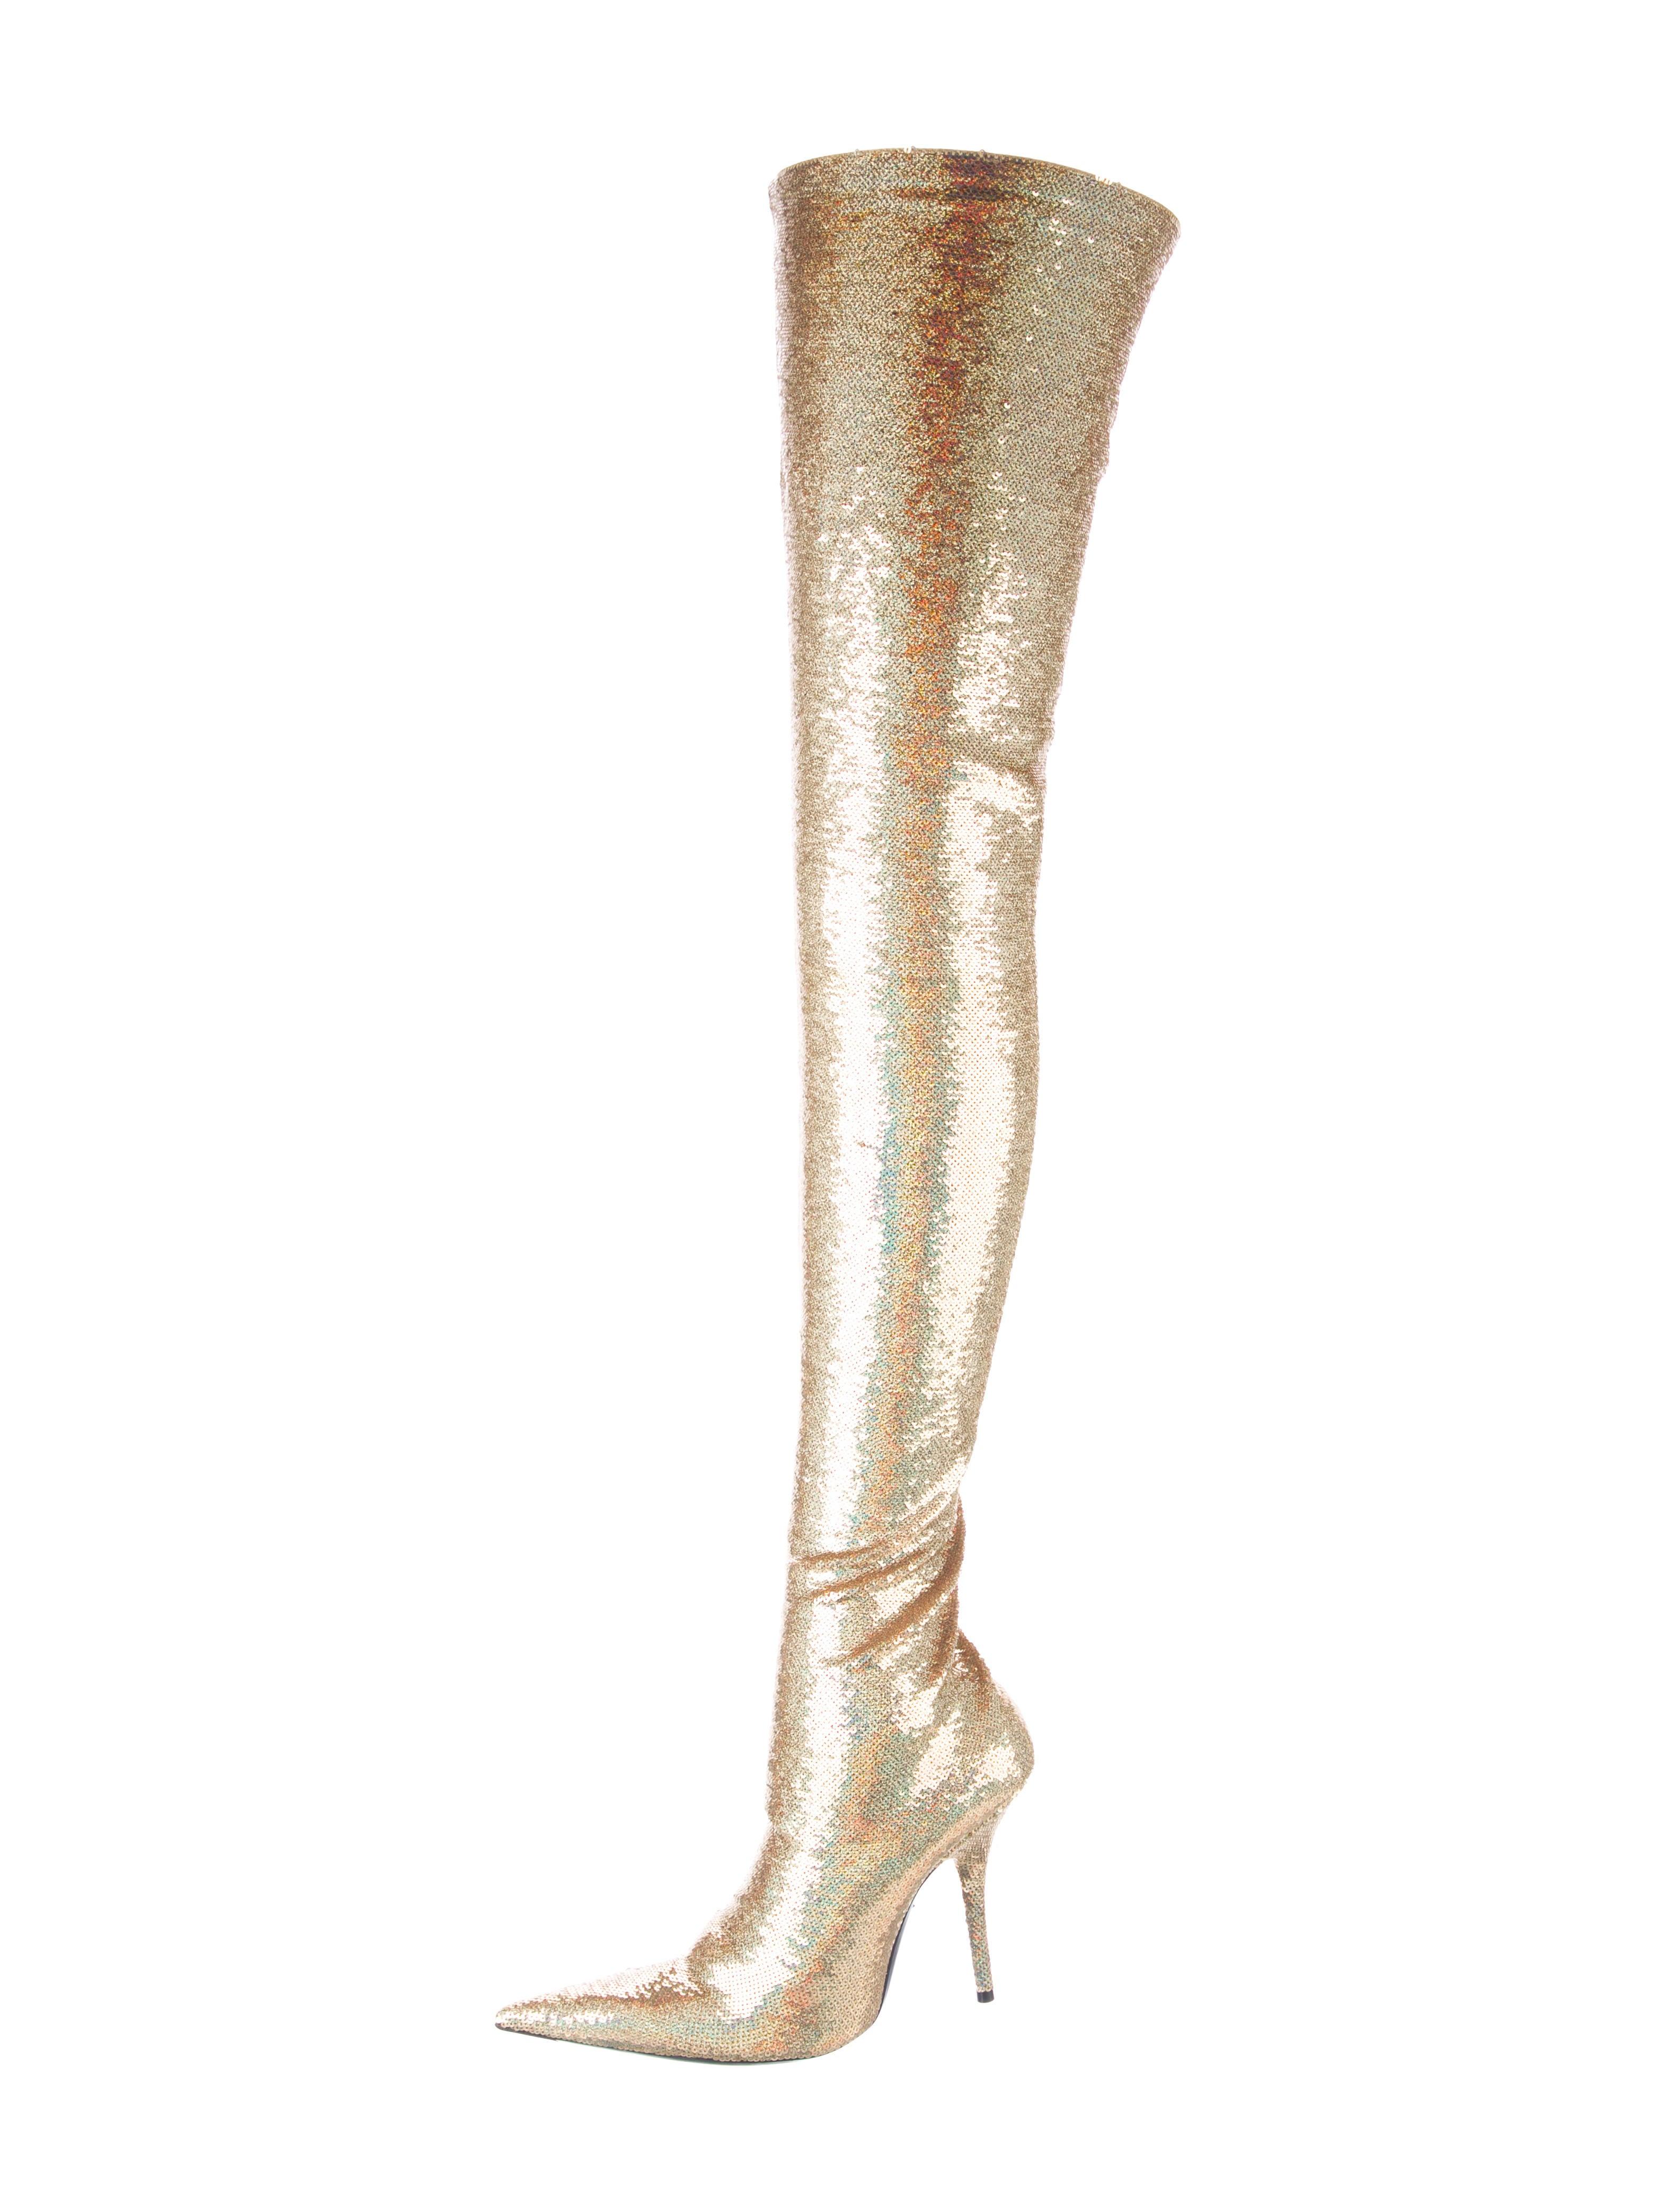 Balenciaga Sequin Knife Thigh-High